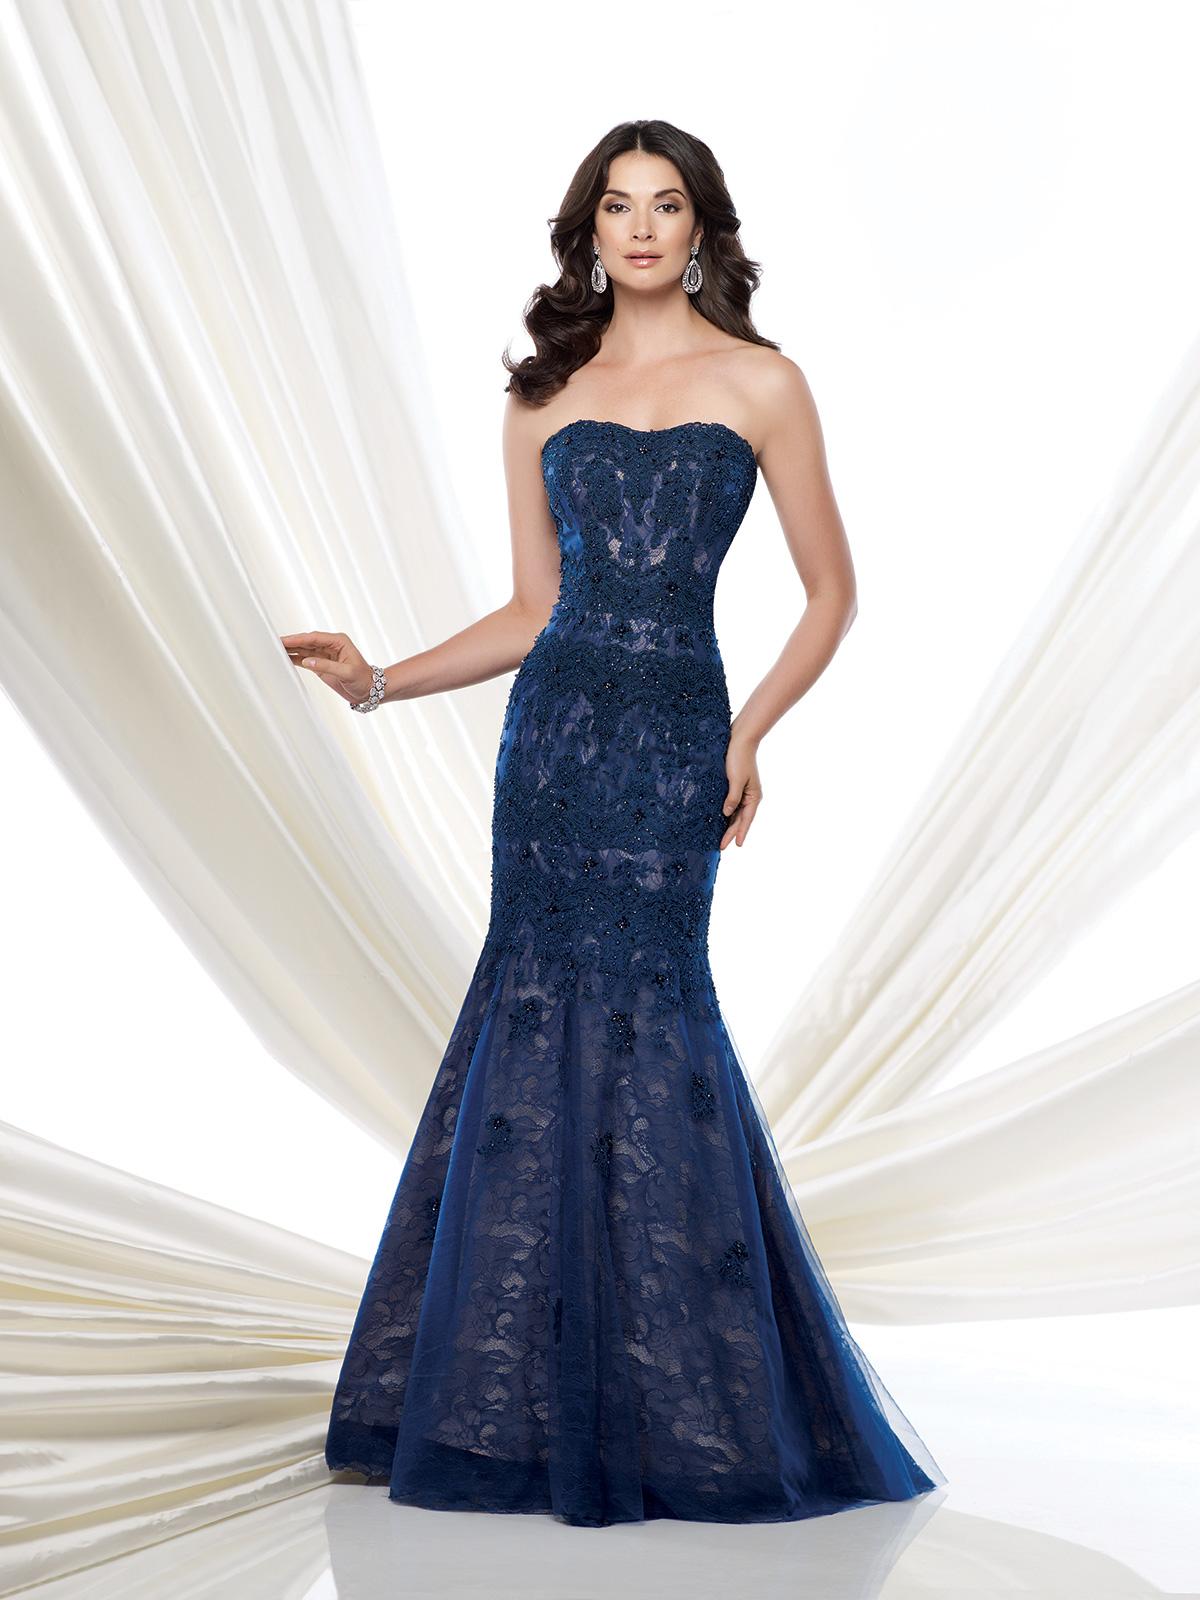 Vestido de Festa tomara que caia todo em renda francesarebordada em pedrarias, corte sereia.